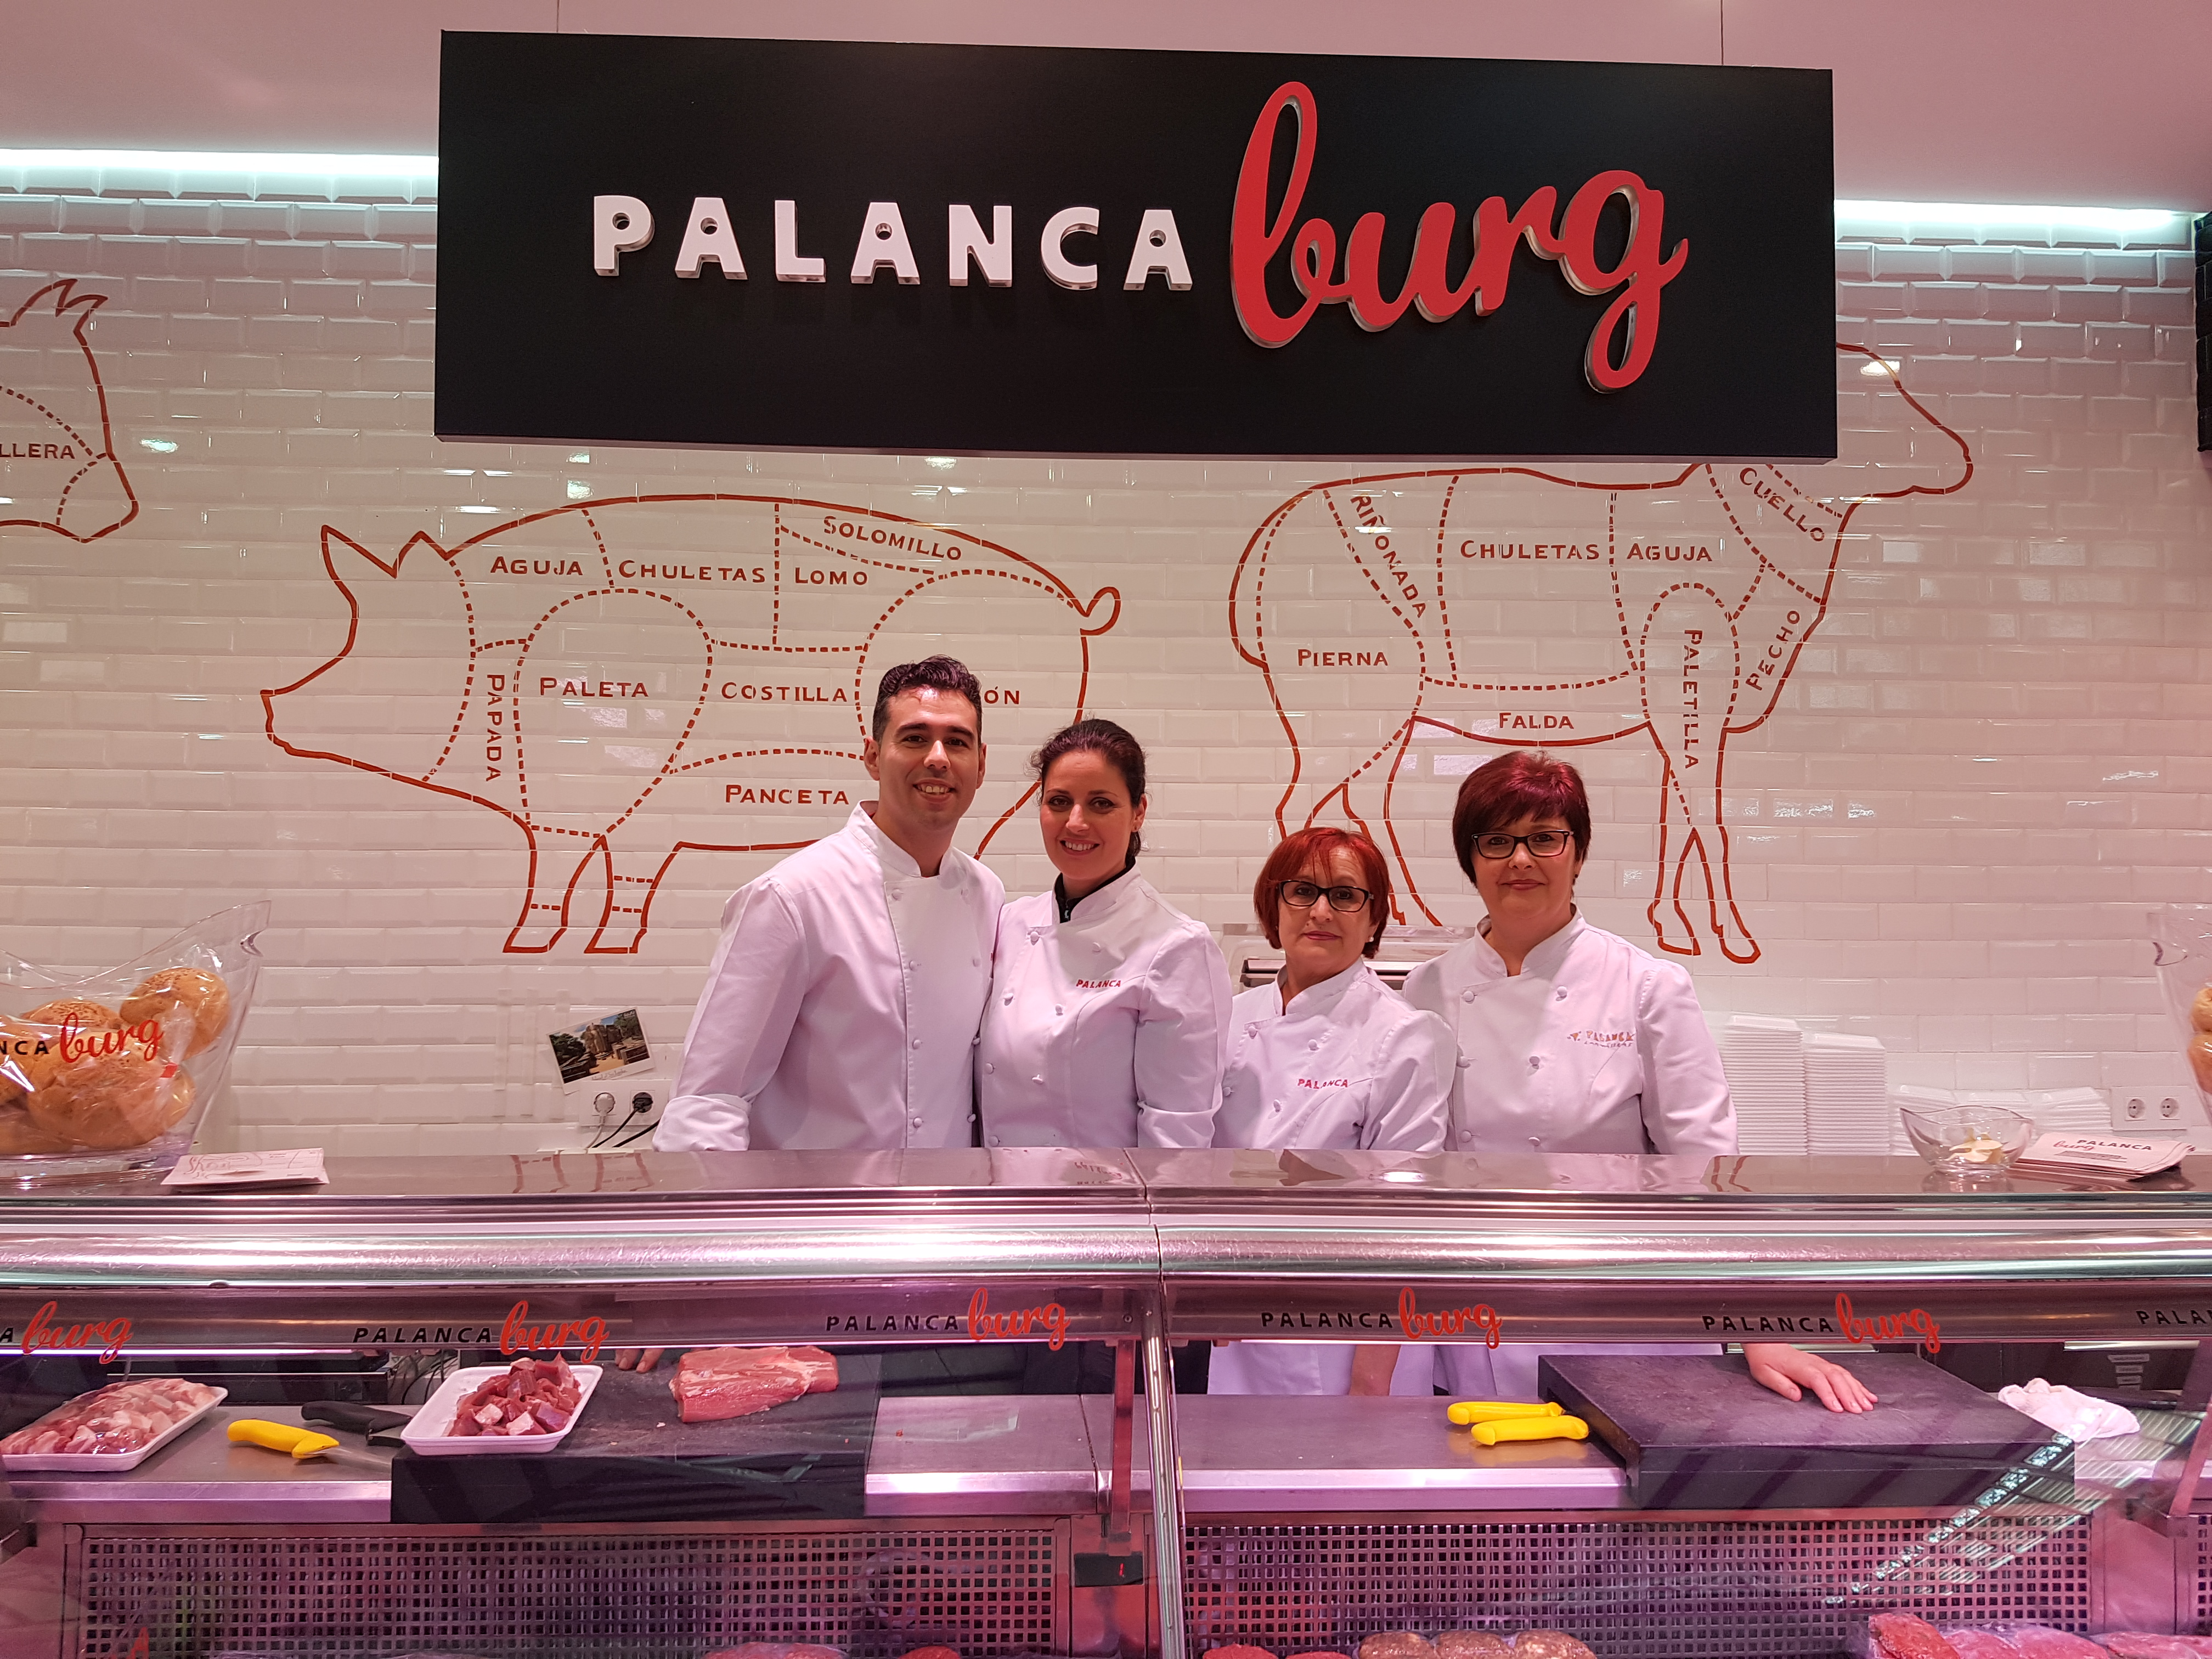 Palanca Carnissers desde 1914 en el Mercado Central de Valencia